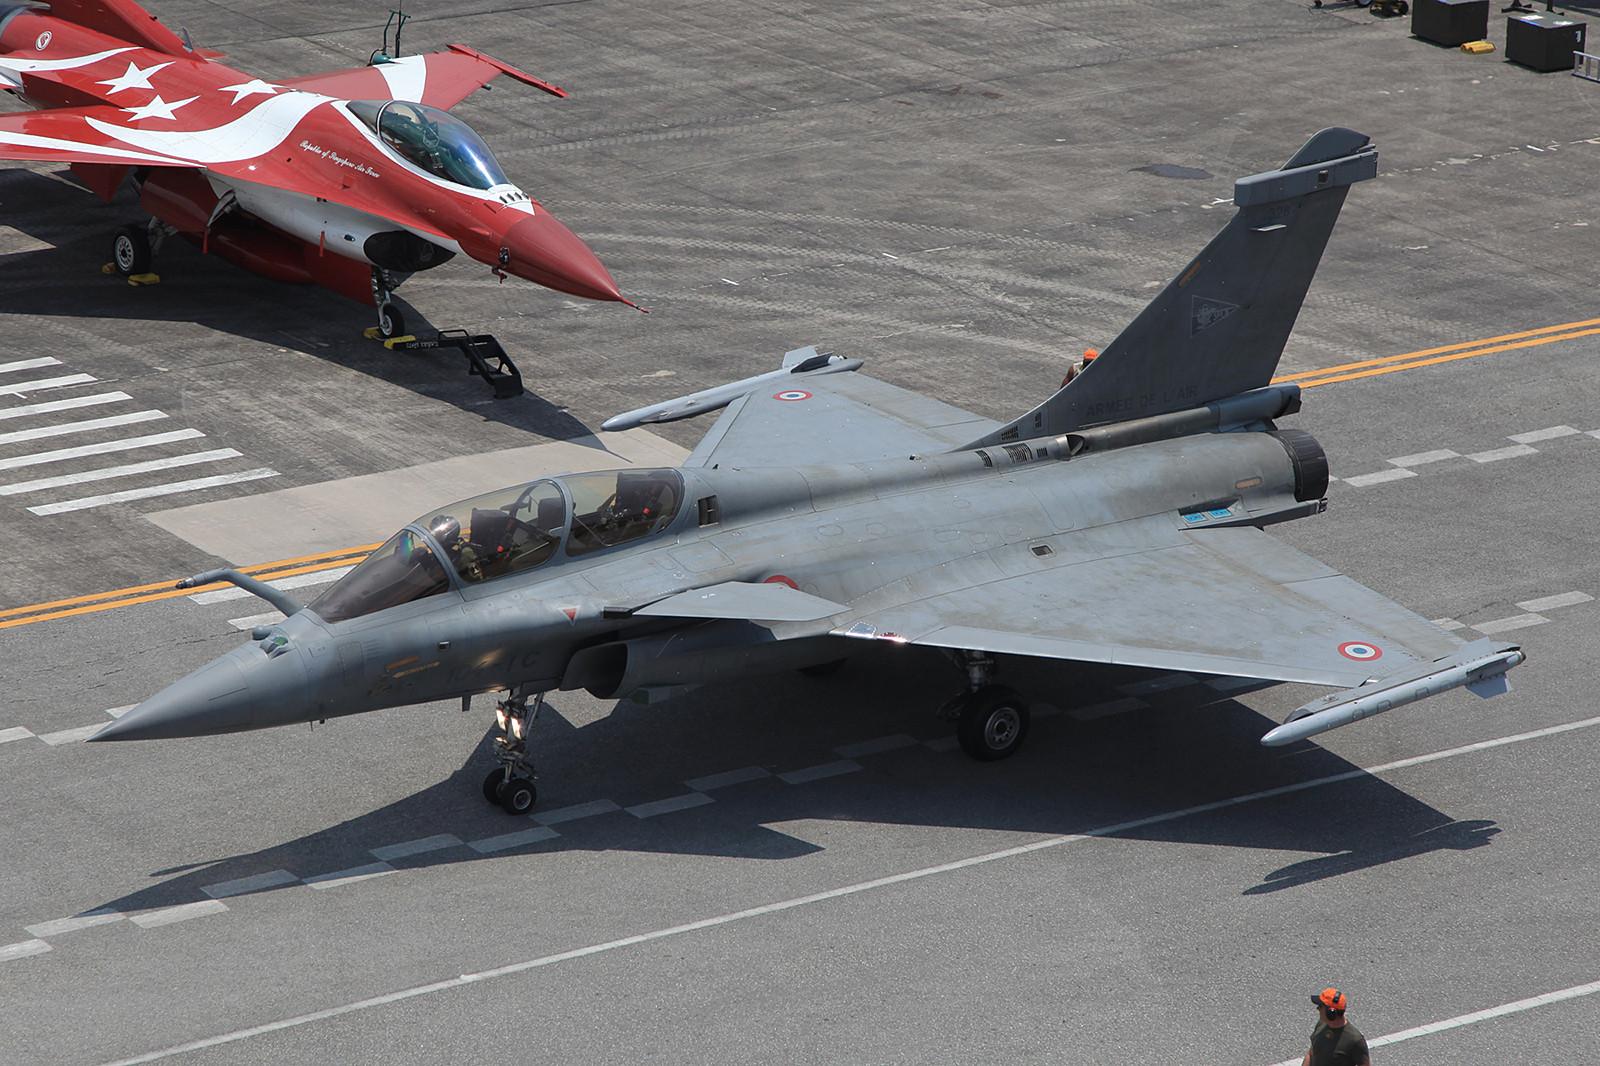 Derzeit ist diese Maschine auf der BA 104 in Abu Dhabi stationiert.